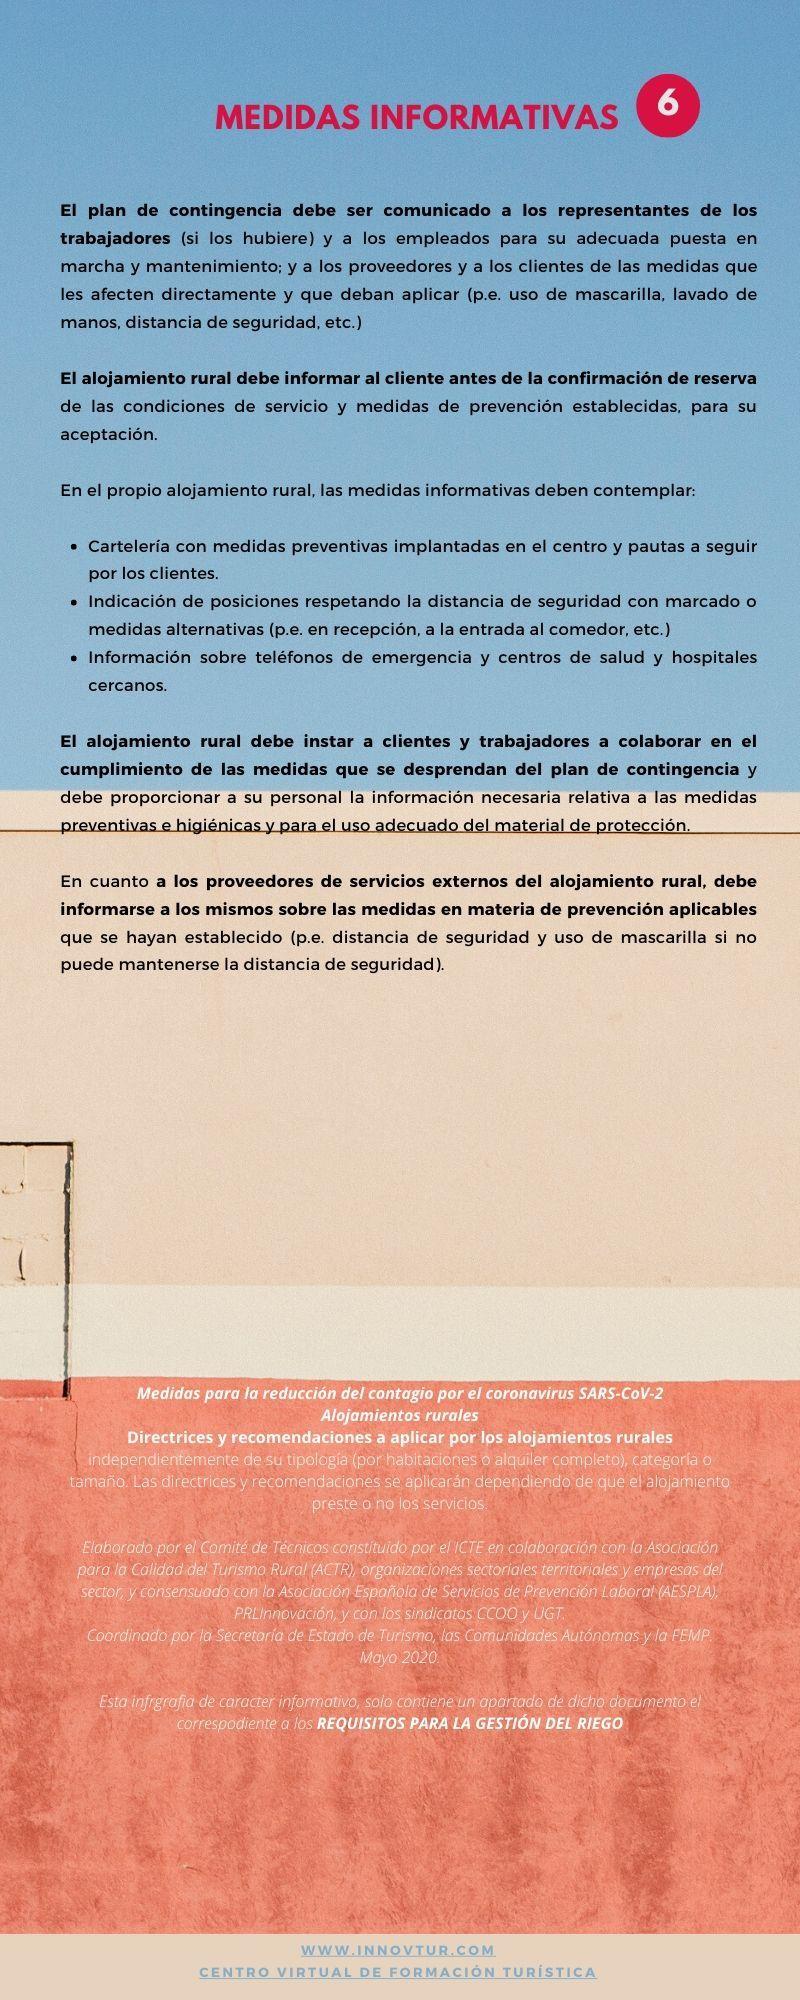 Infografia requisitos para la gestión del riesgo. Medidas informativas alojamientos rurales